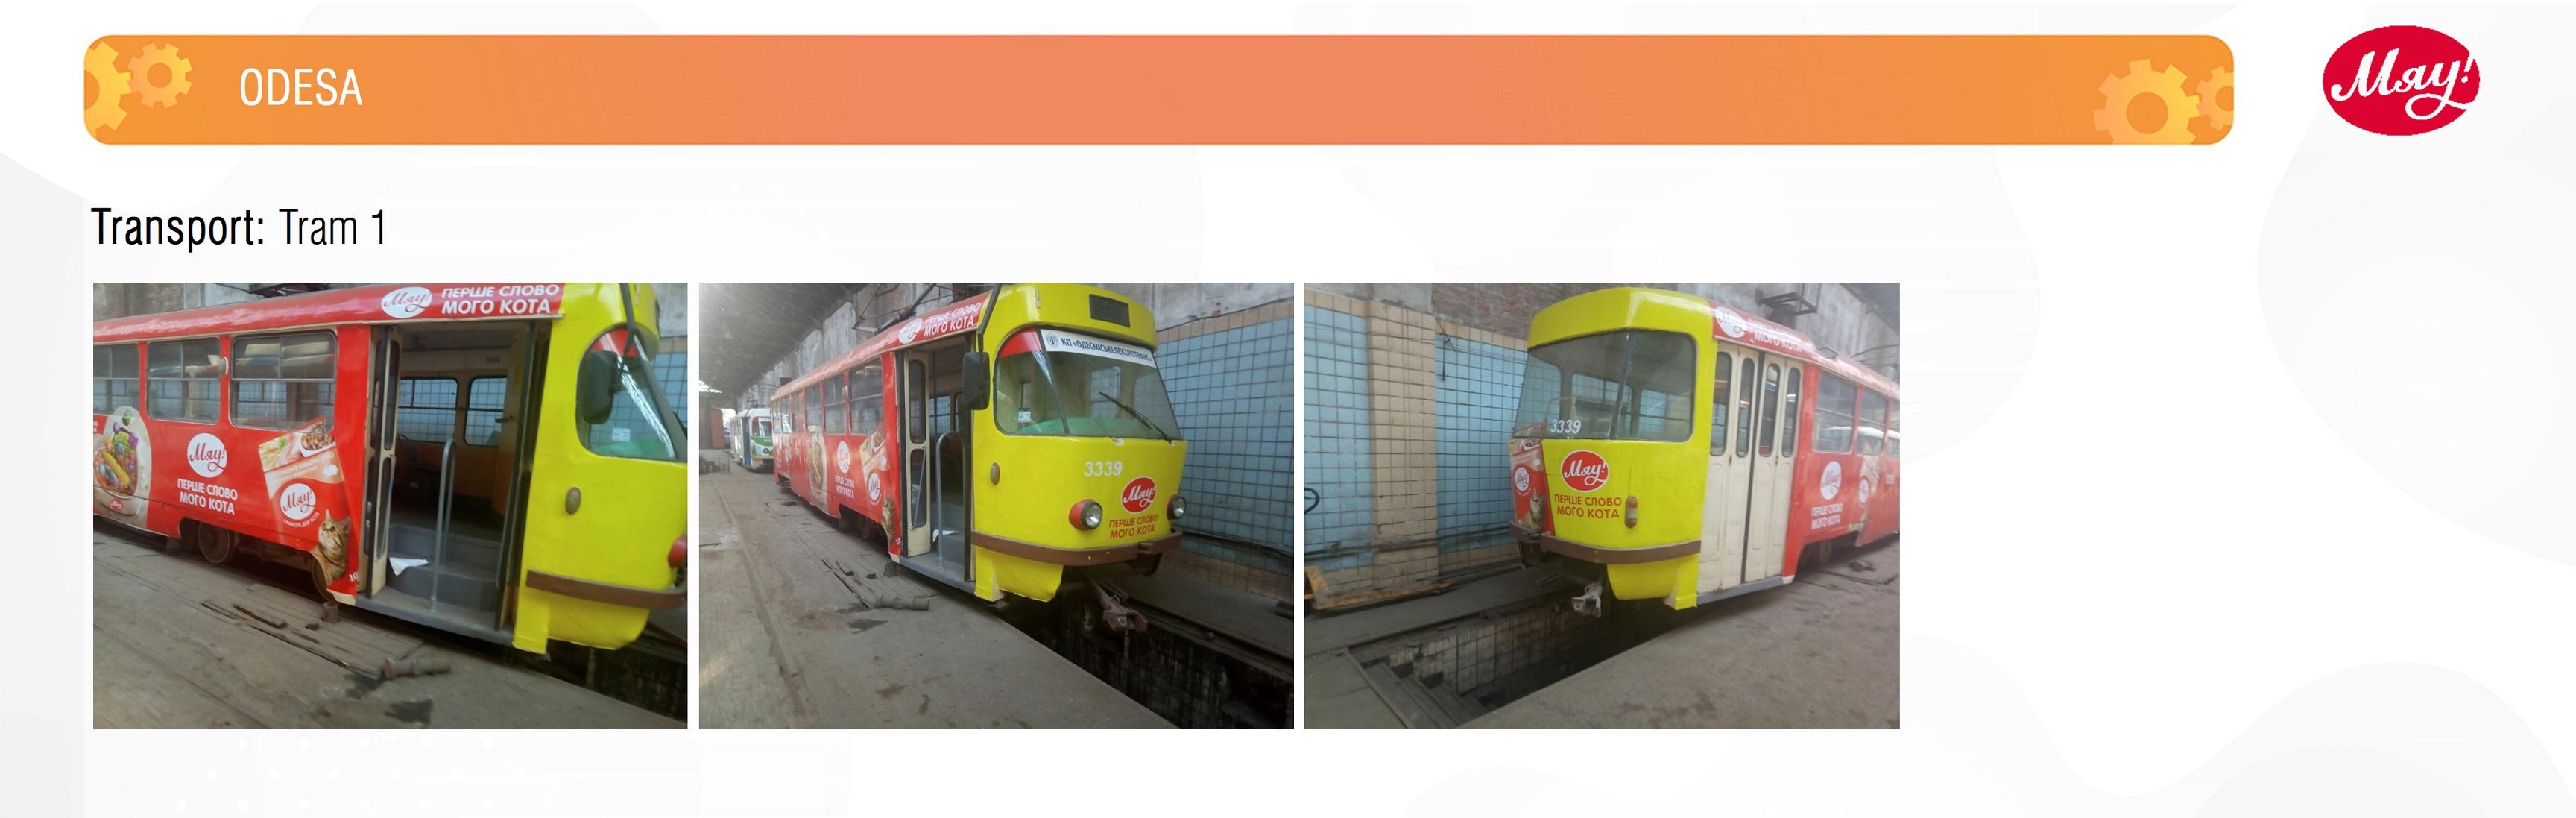 Реклама на транспорте Одесса.